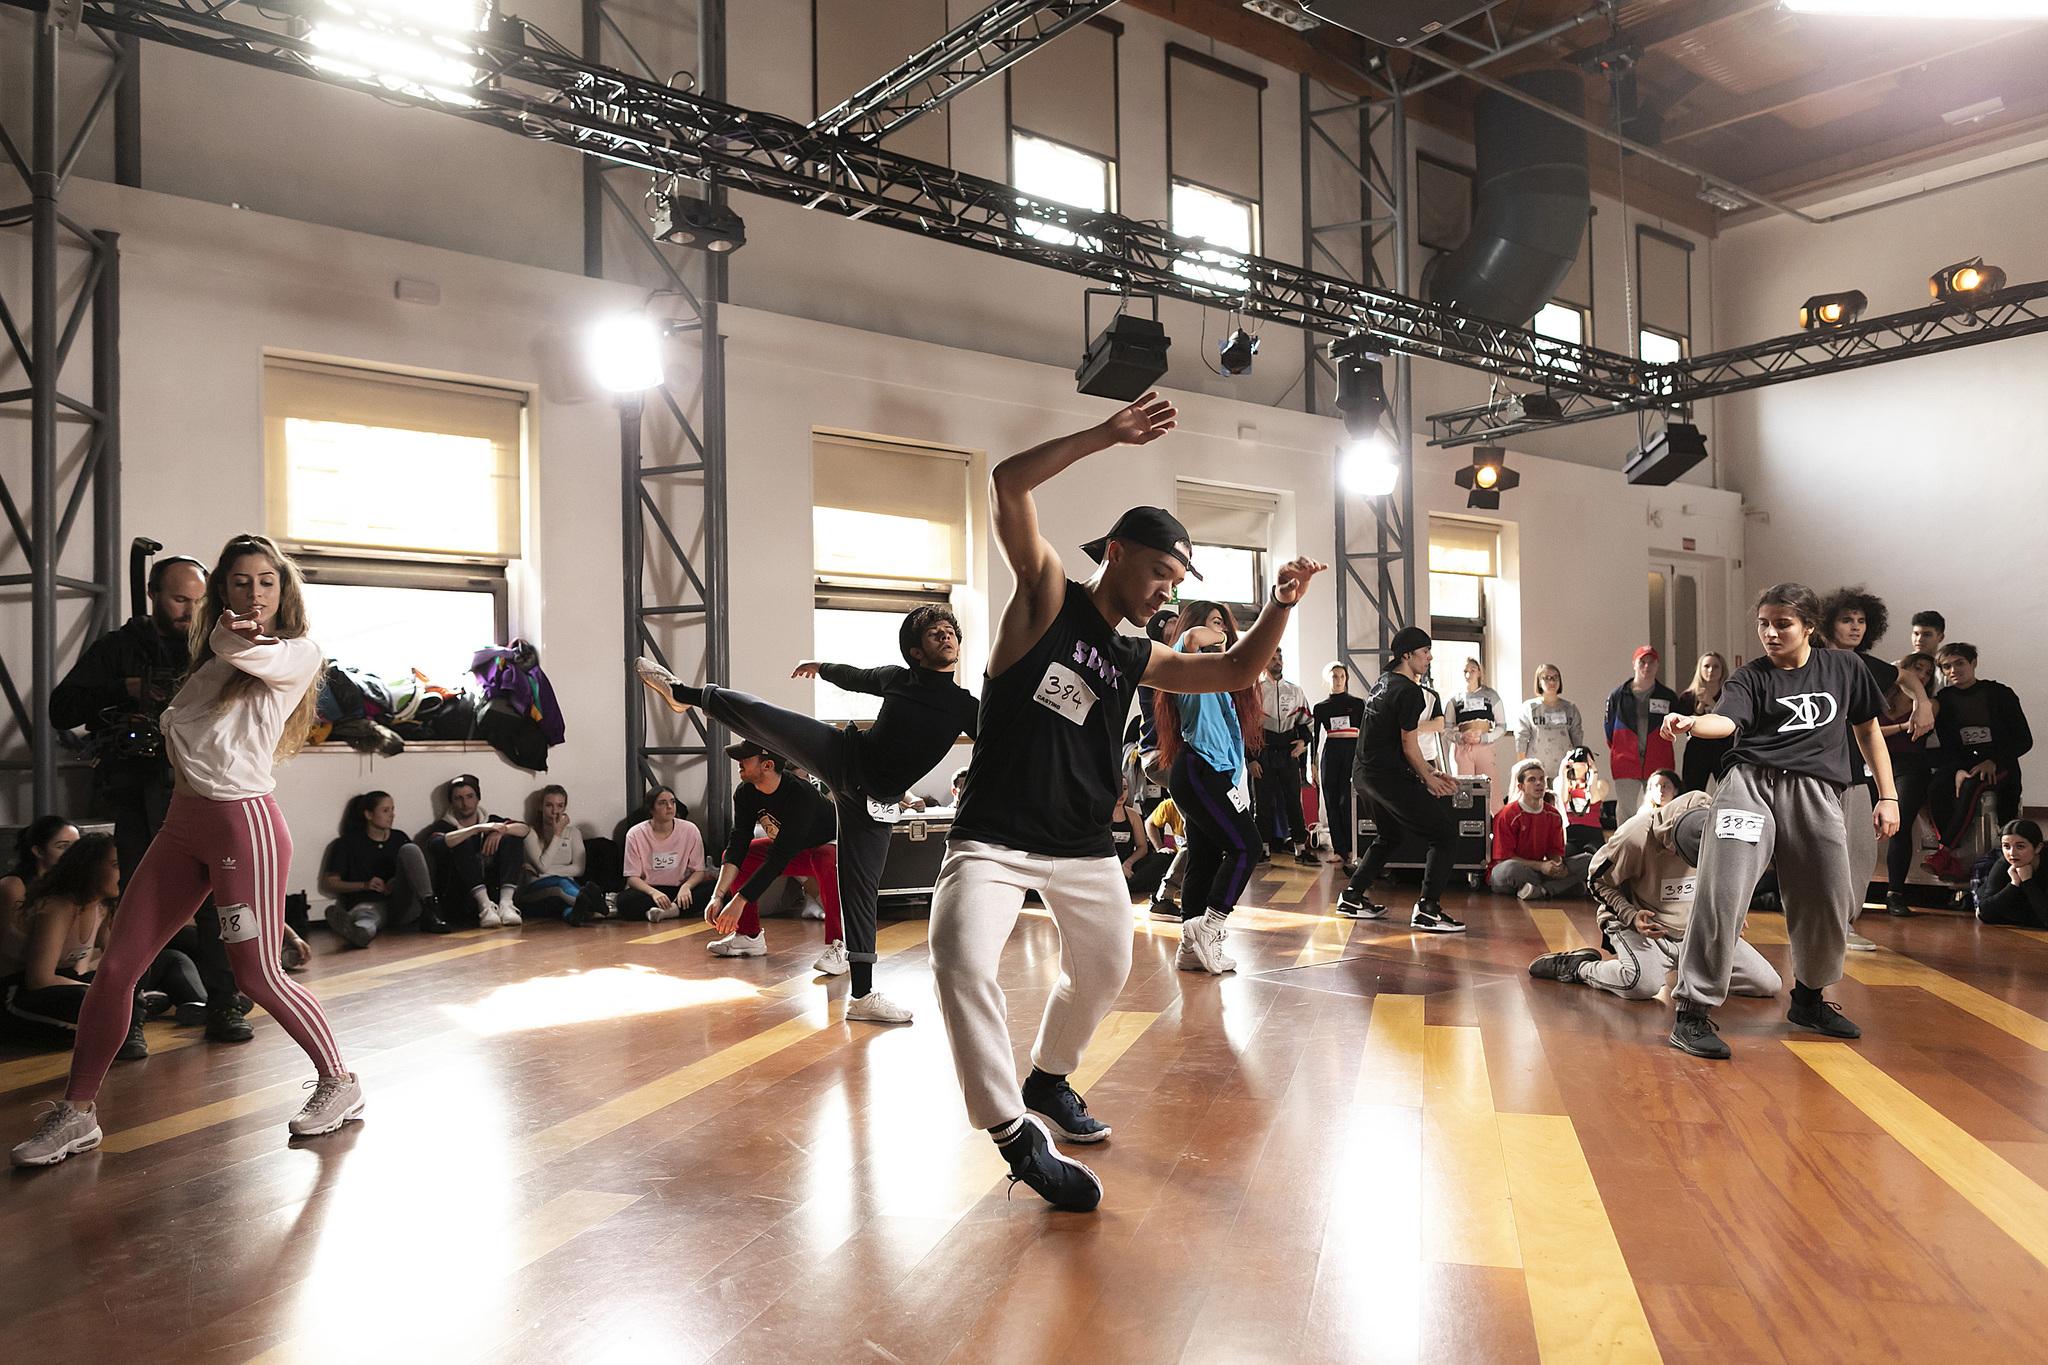 Imagen de uno de los castings del 'talent' Fama a bailar, emitido en #0